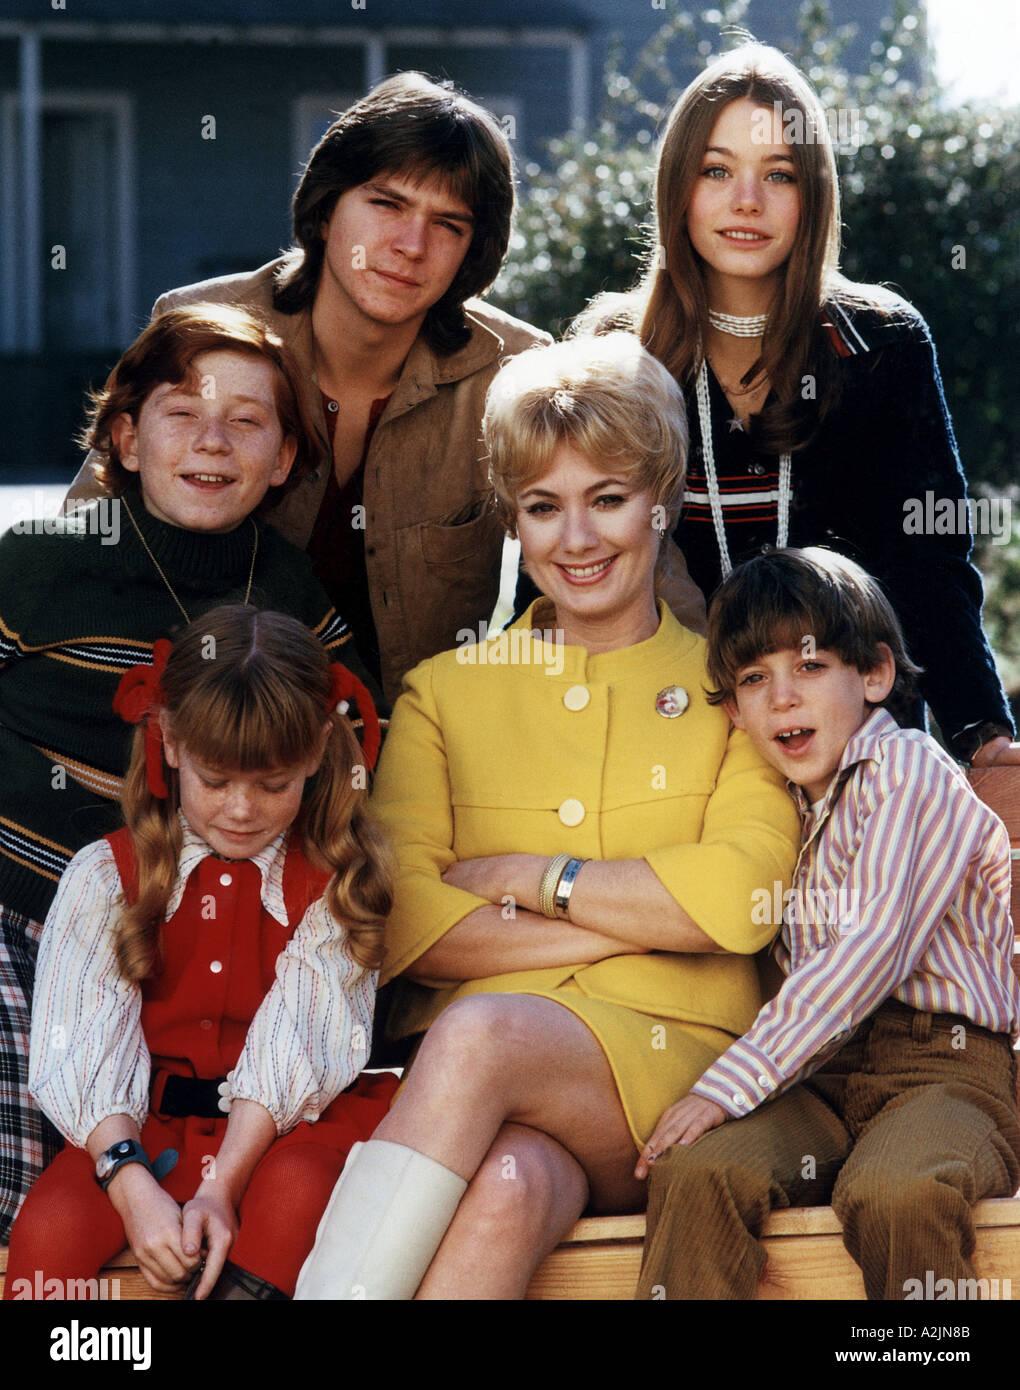 La familia de la perdiz nosotros series de televisión con Shirley Jones center y David Cassidy arriba a la Imagen De Stock